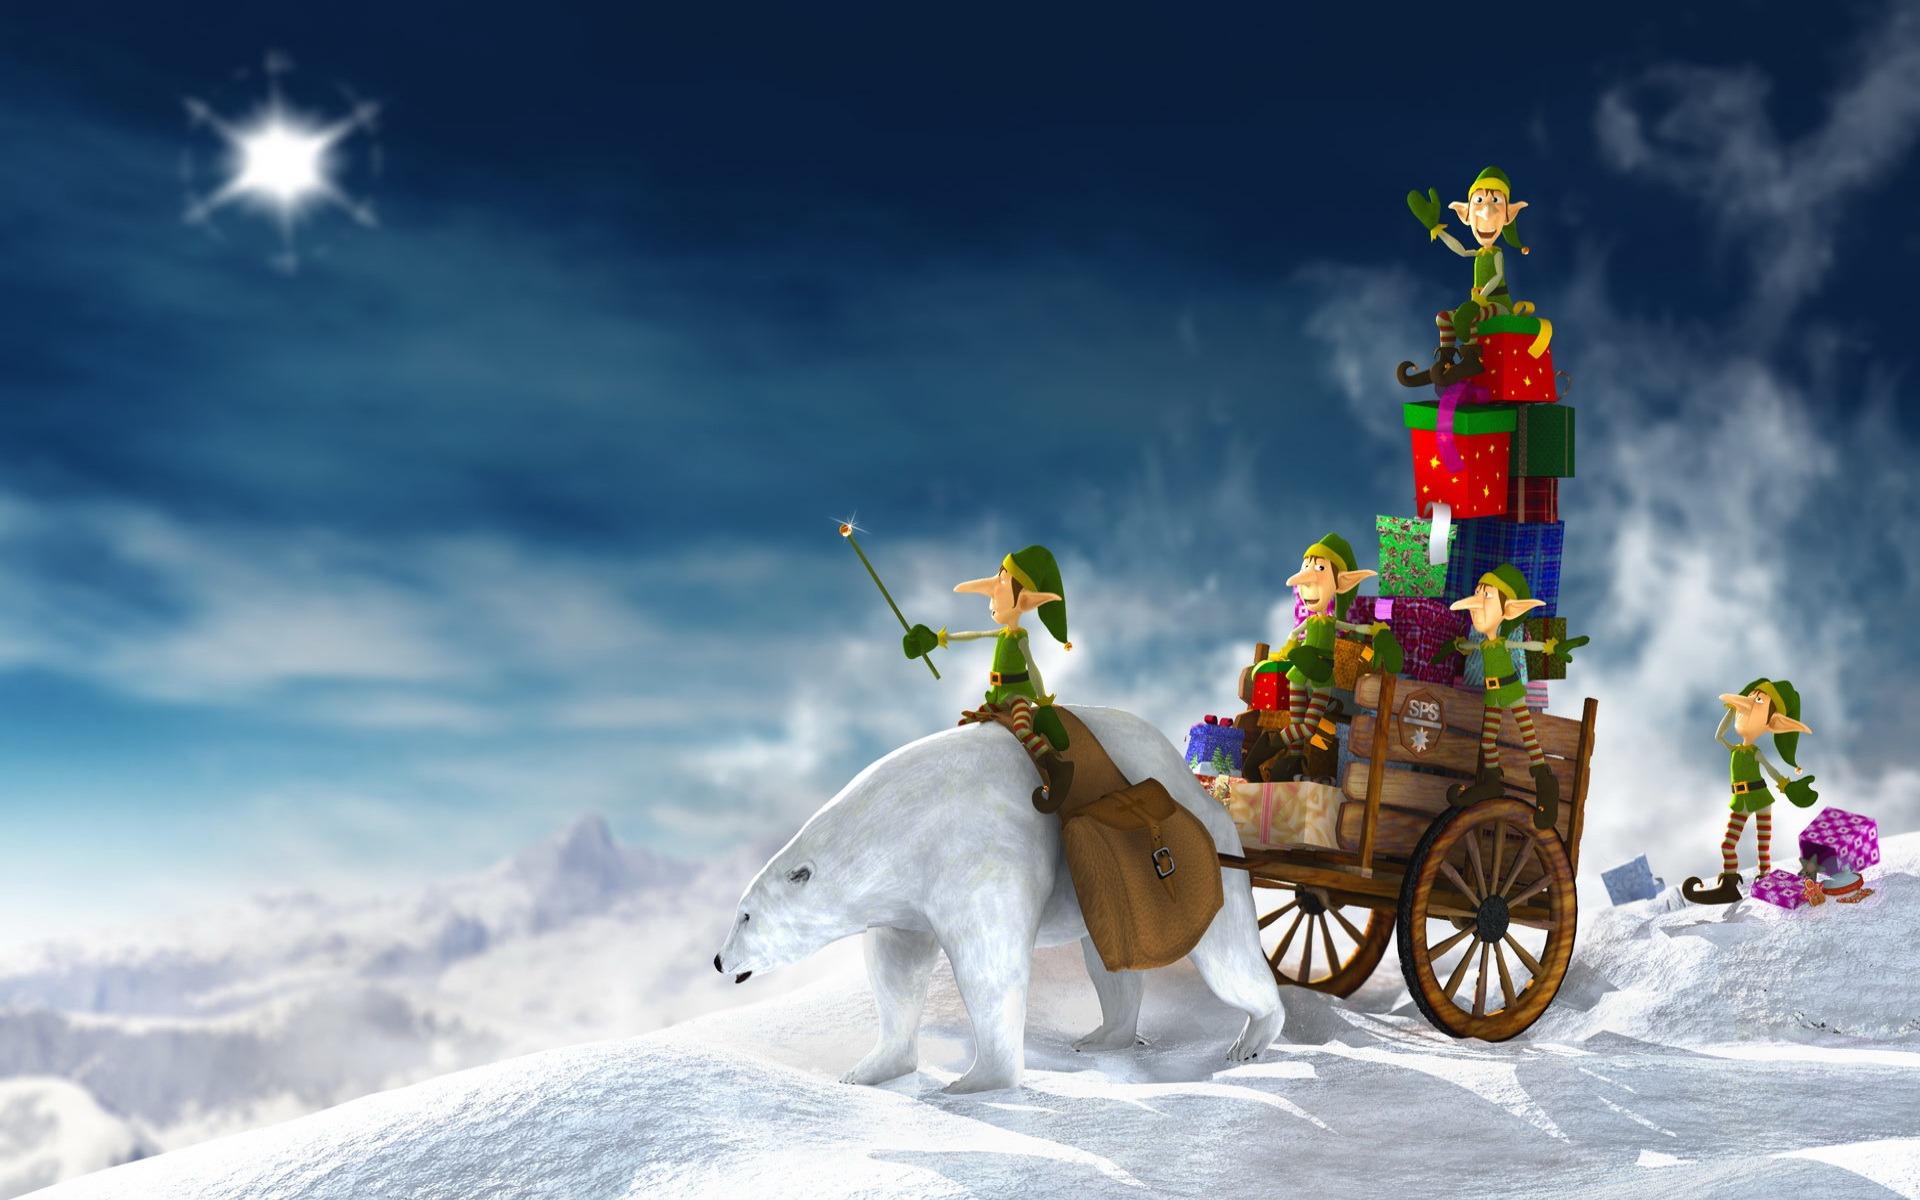 Bienvenidos al nuevo foro de apoyo a Noe #301 / 15.12.15 ~ 22.12.15 - Página 20 Christmas-wallpaper-hd-5